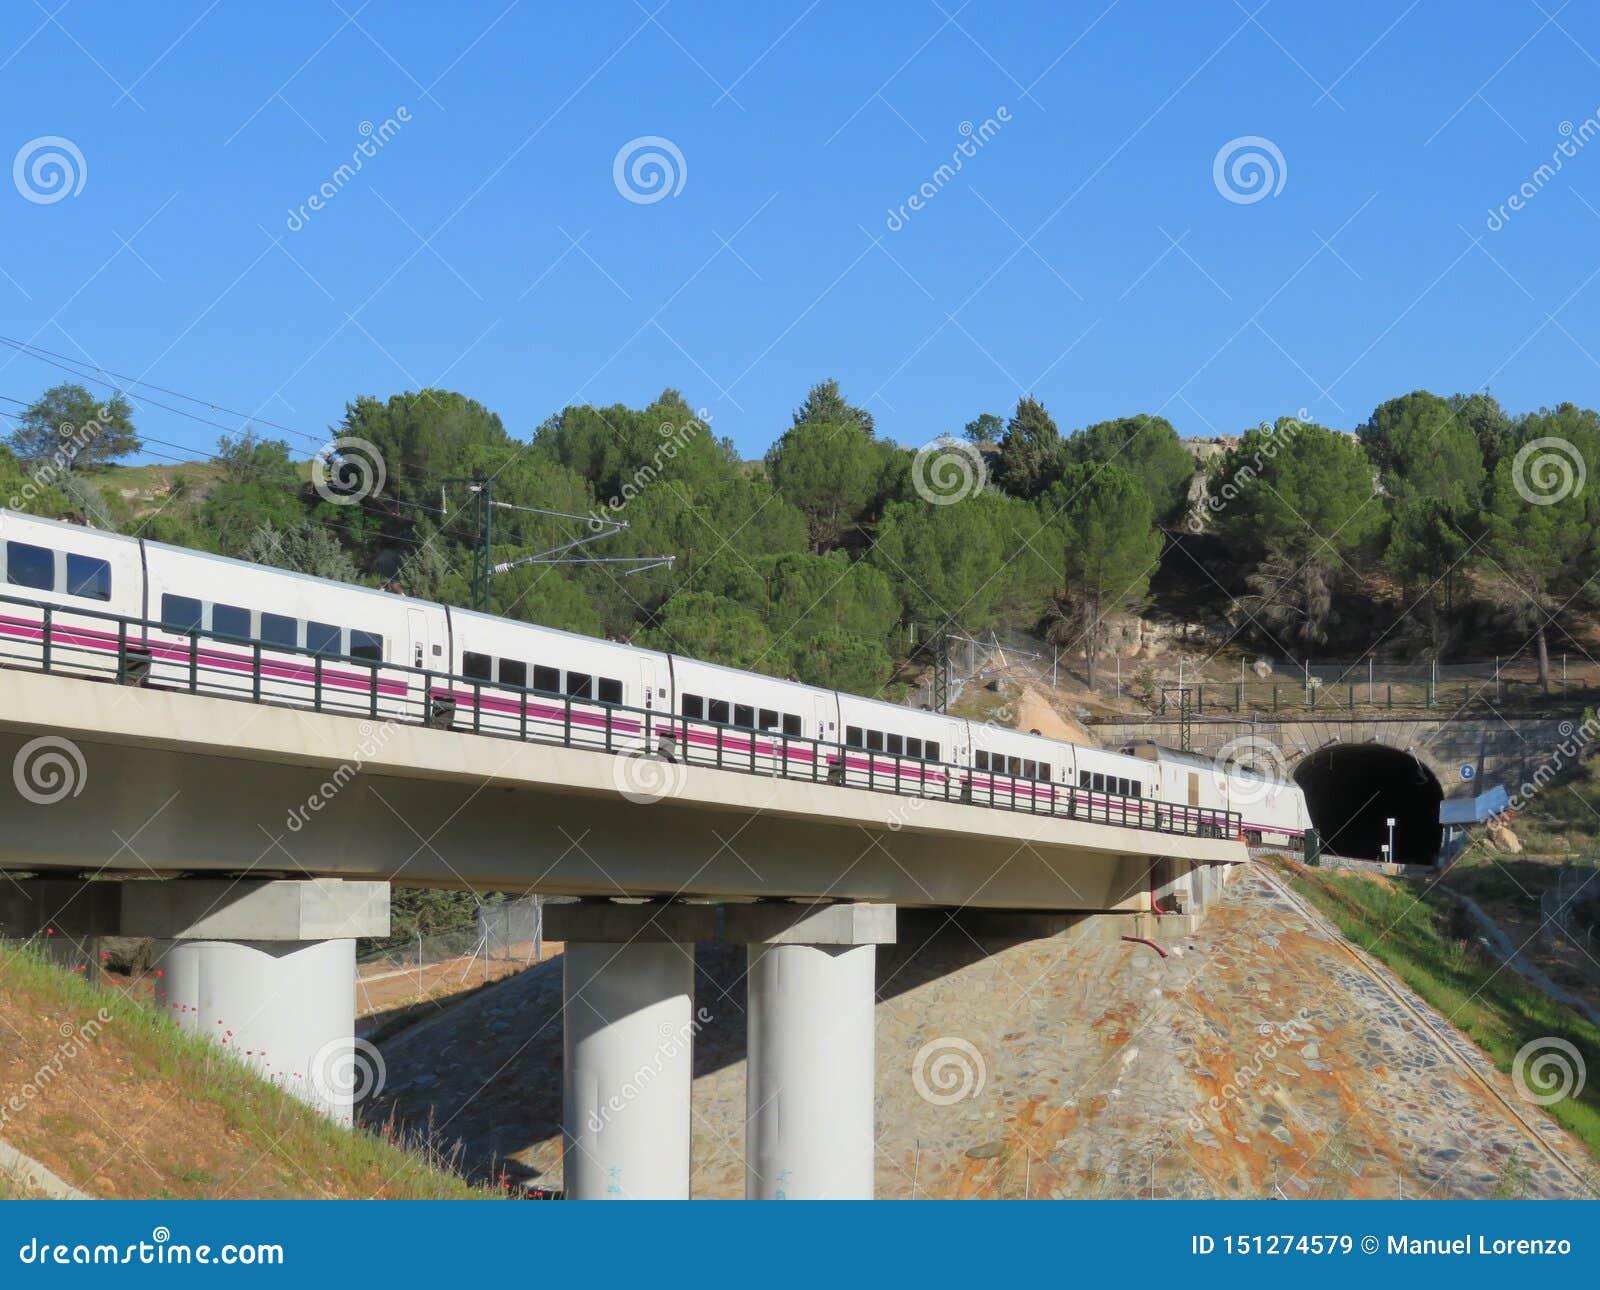 Красивый быстроходный поезд который транспортирует пассажиров к их назначению